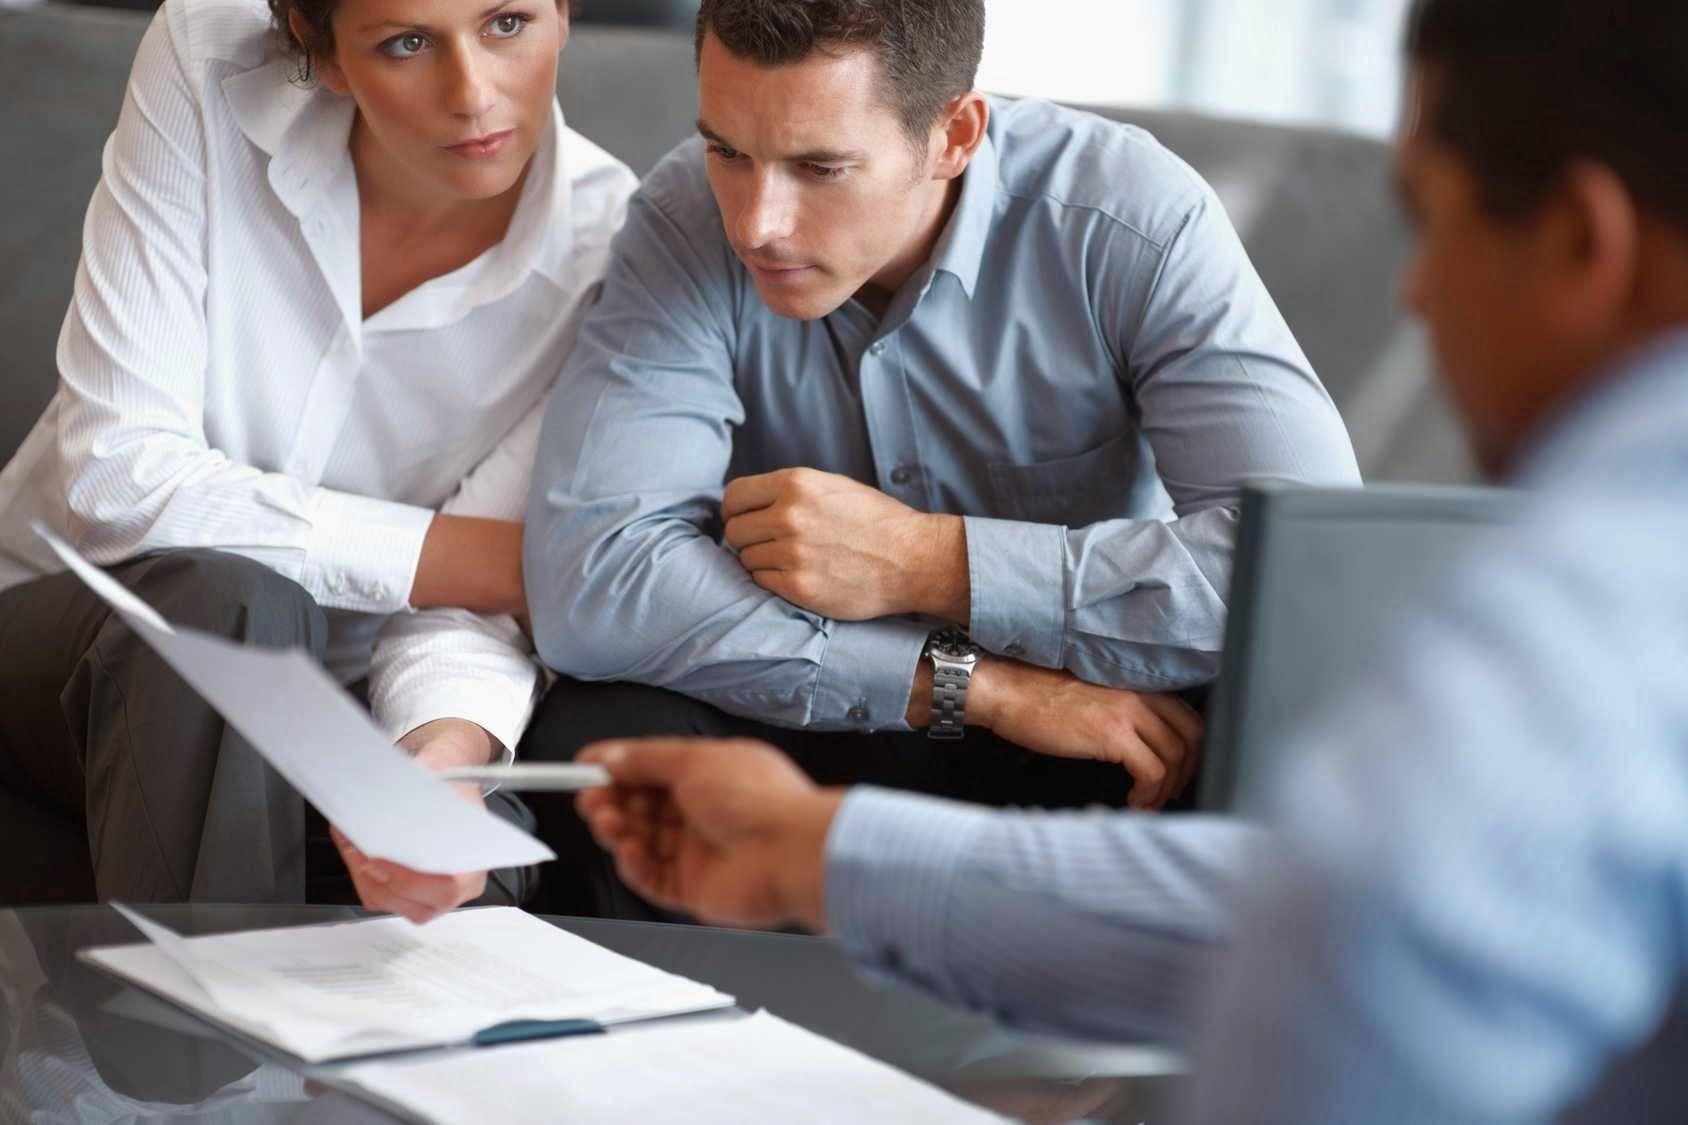 Кредит с просрочками и плохой кредитной историей (КИ) в